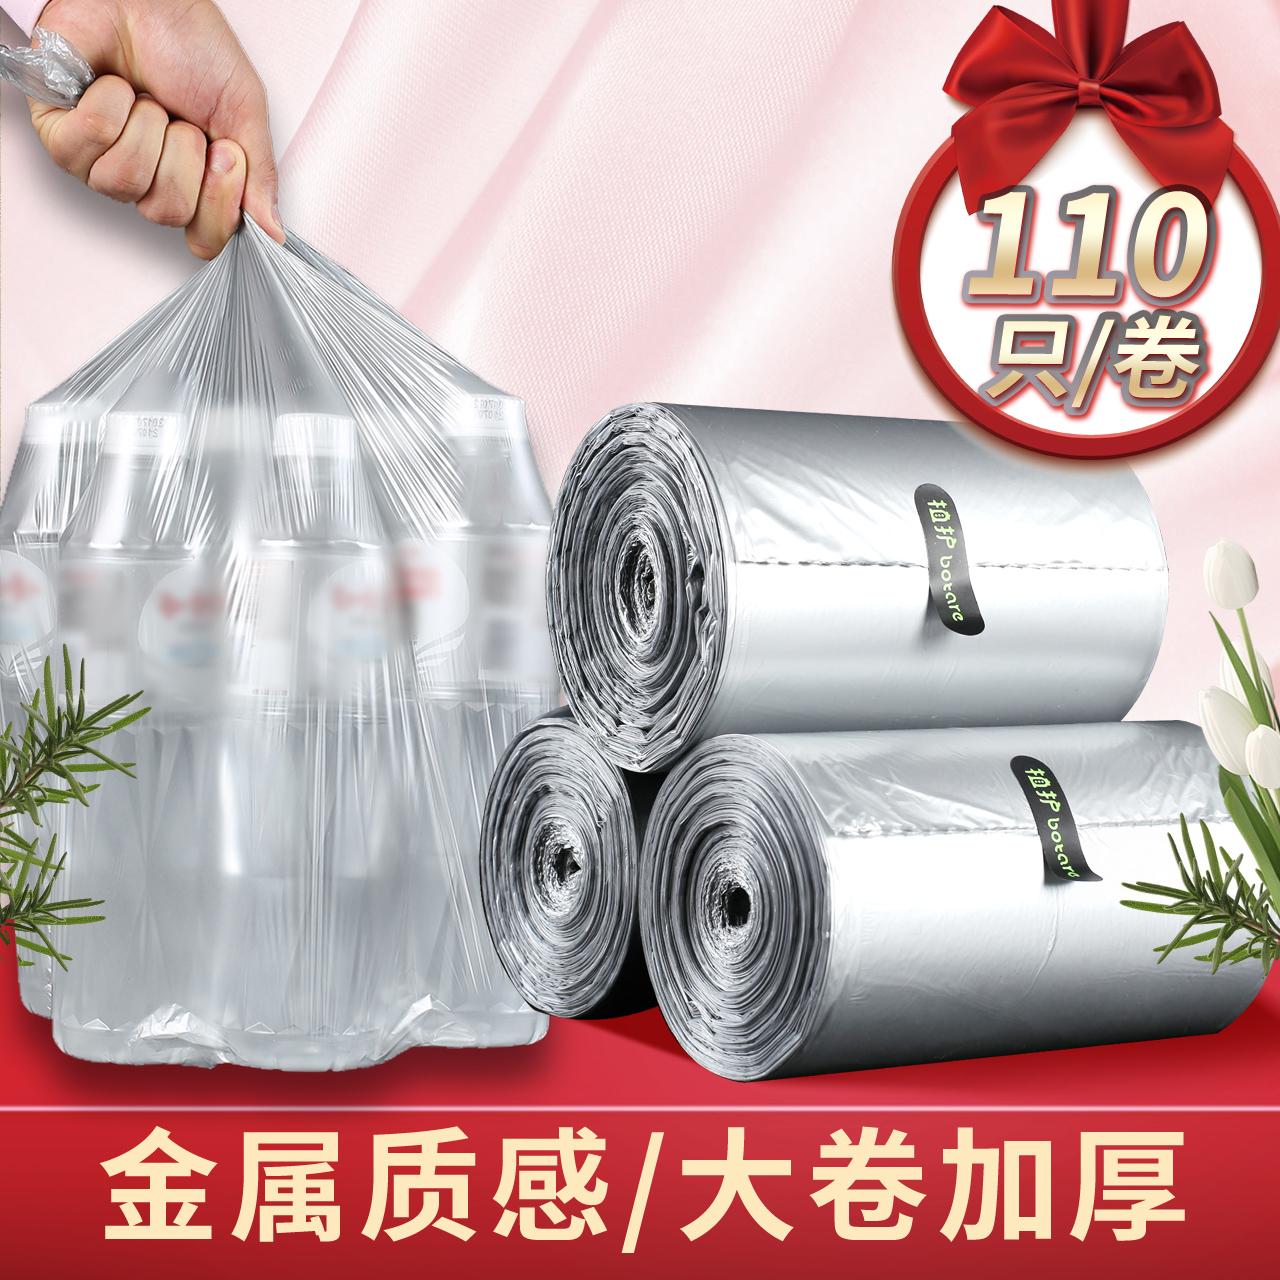 家庭用厚手のゴミ袋110枚の単巻1回限りの日常生活用の家庭用平口ビニール袋